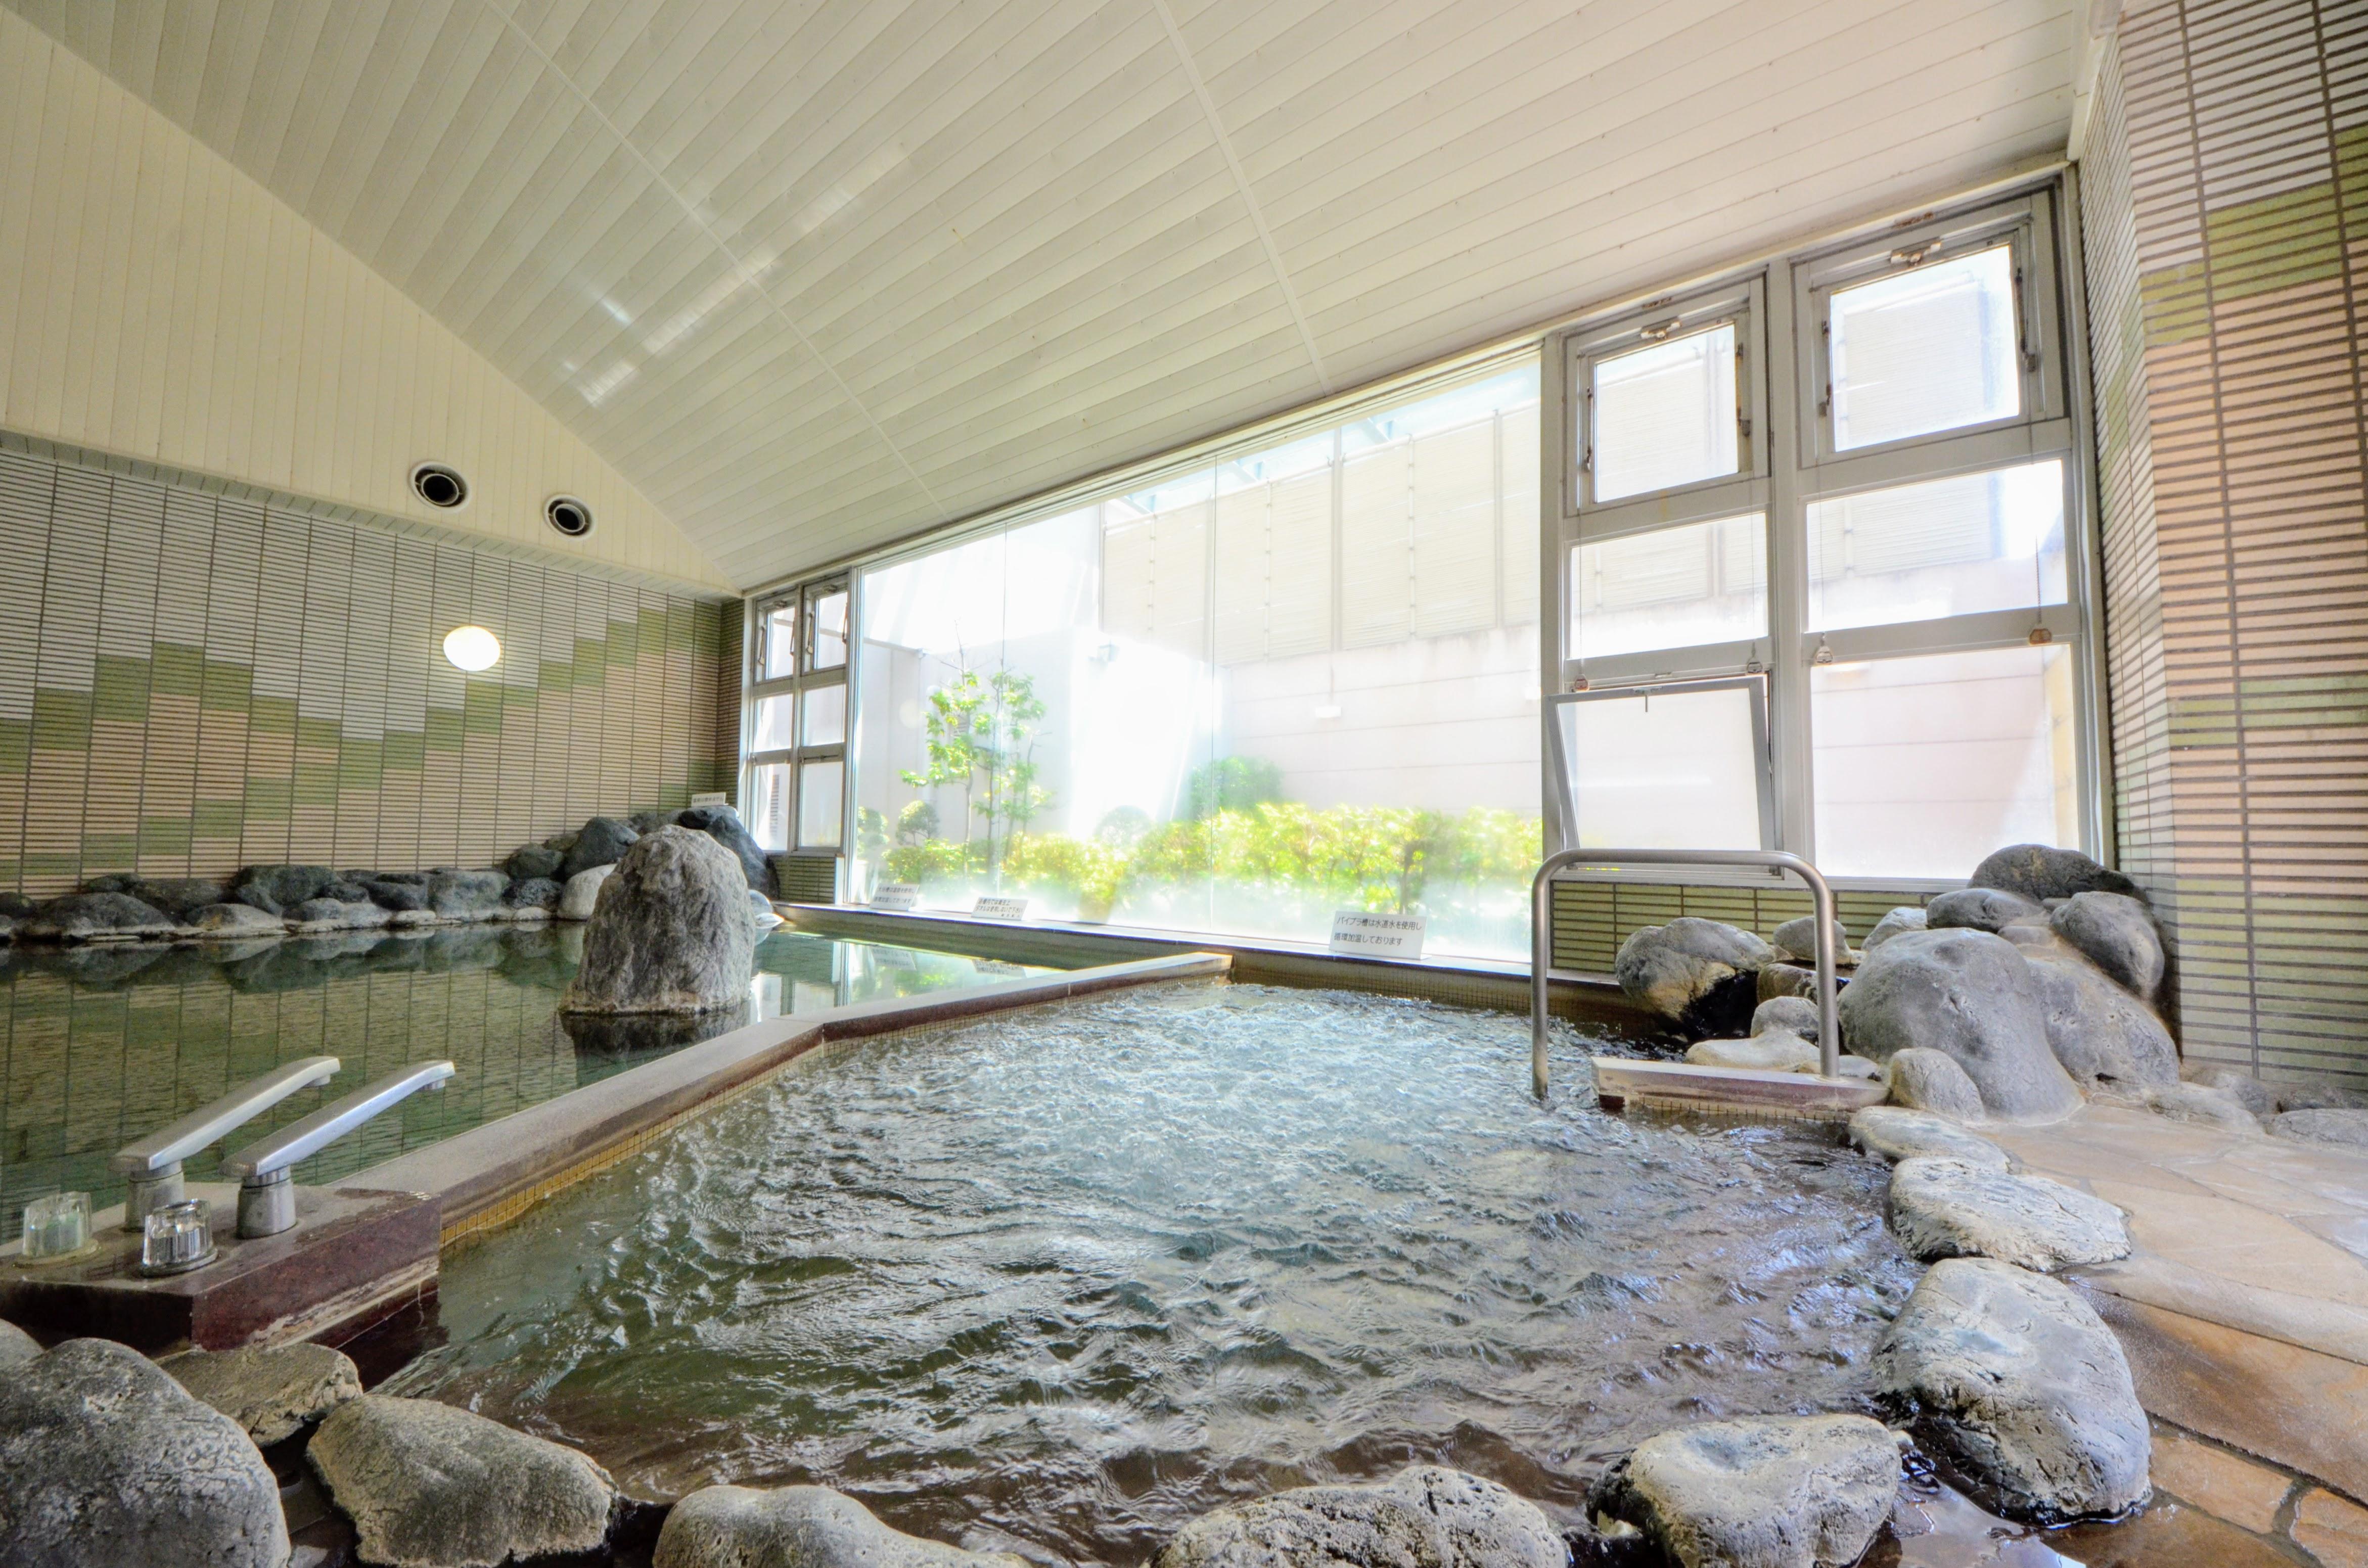 大浴場 温泉は、ph9.1のアルカリ性単純泉の源泉を加水せずに引いています。